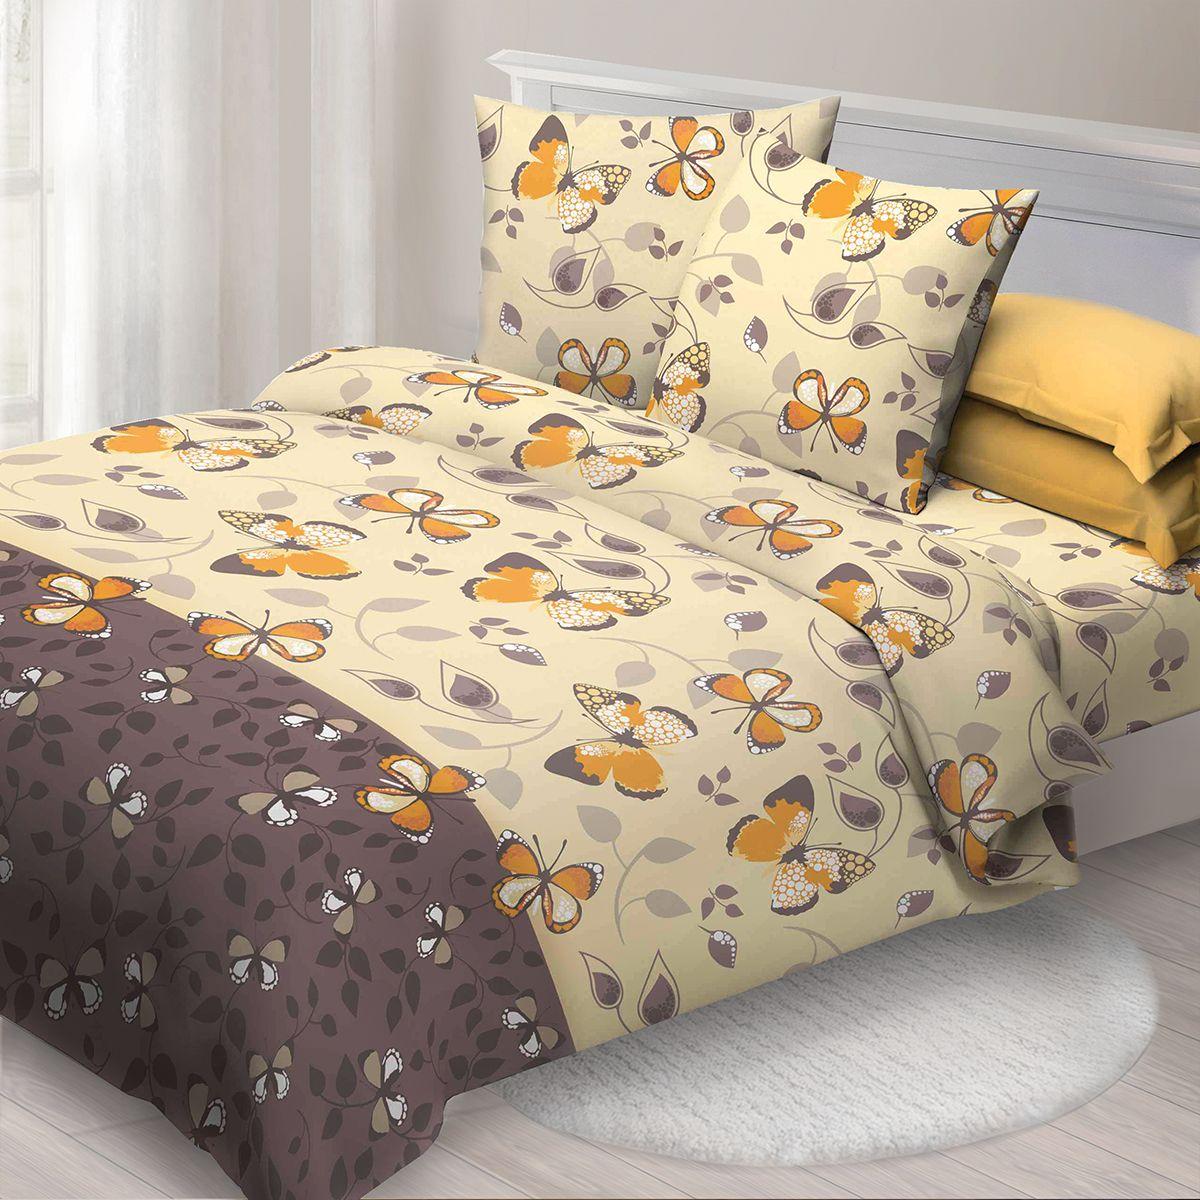 Комплект белья Спал Спалыч Фарфалла, семейный, наволочки 70x70, цвет: желтый. 4079-182479